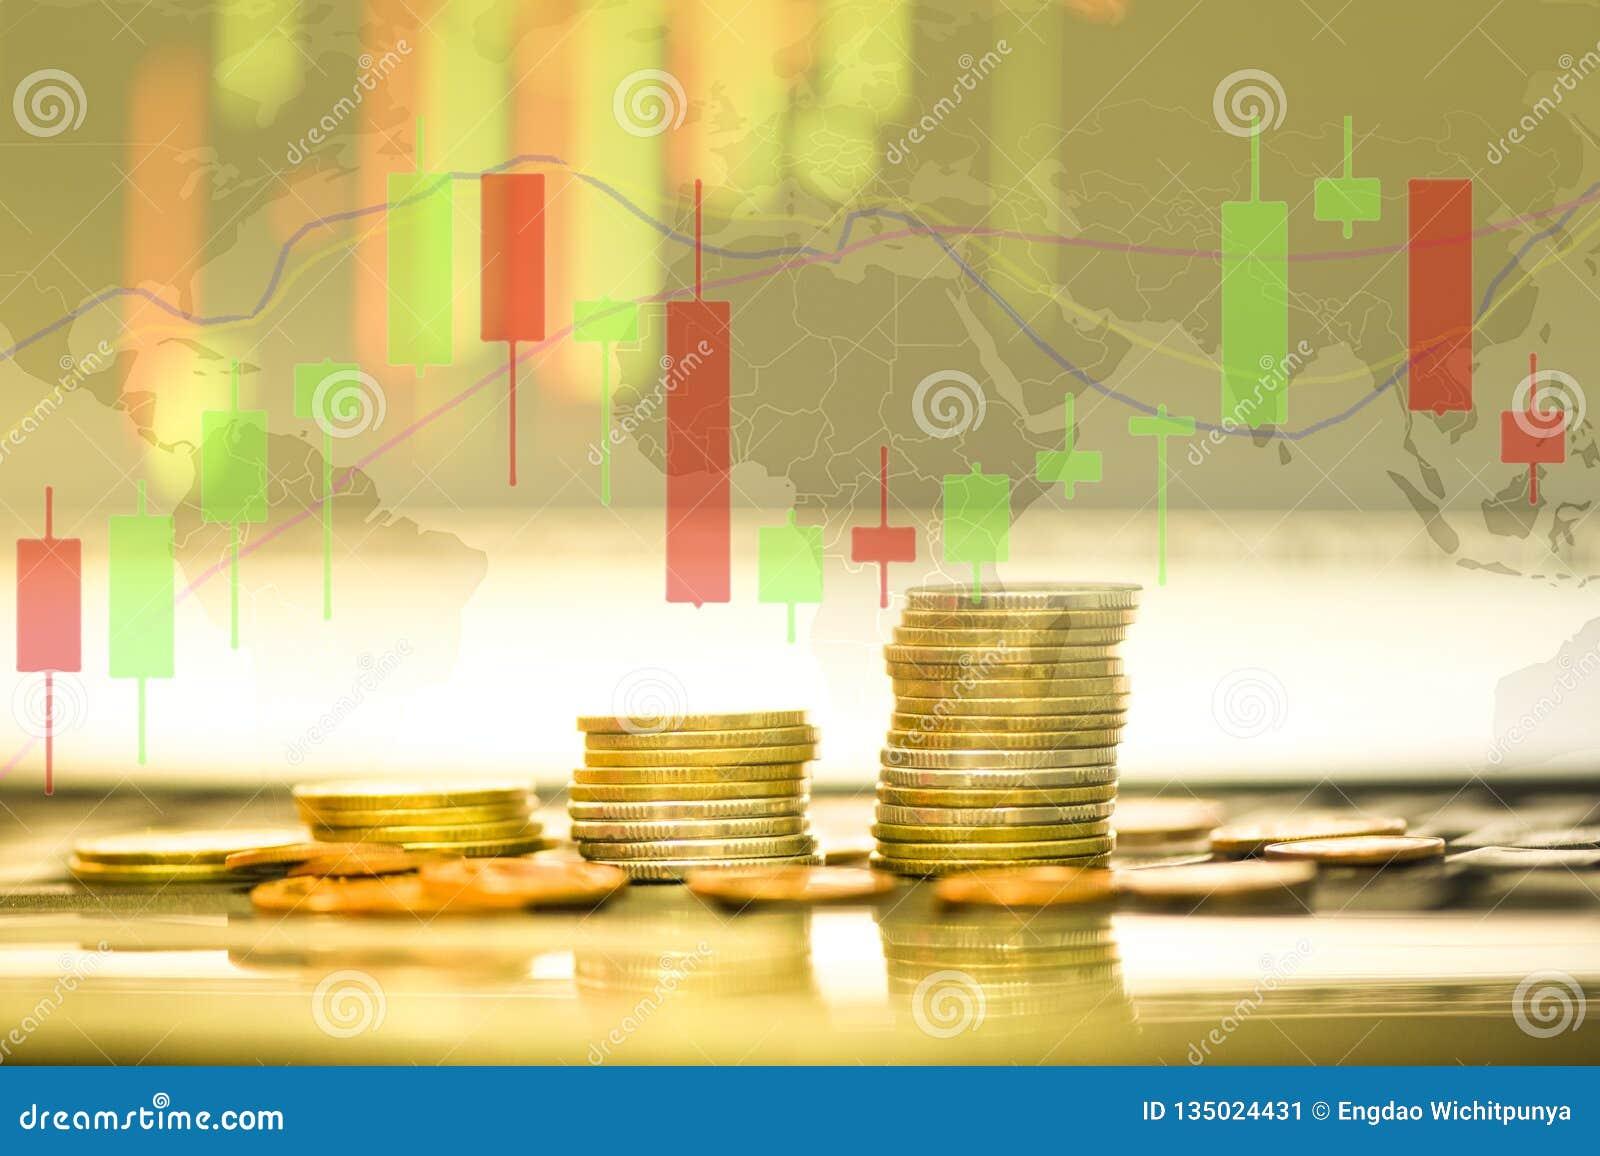 储蓄外汇贸易金币投资-企业财政委员会显示股票未来贸易烛台图表图